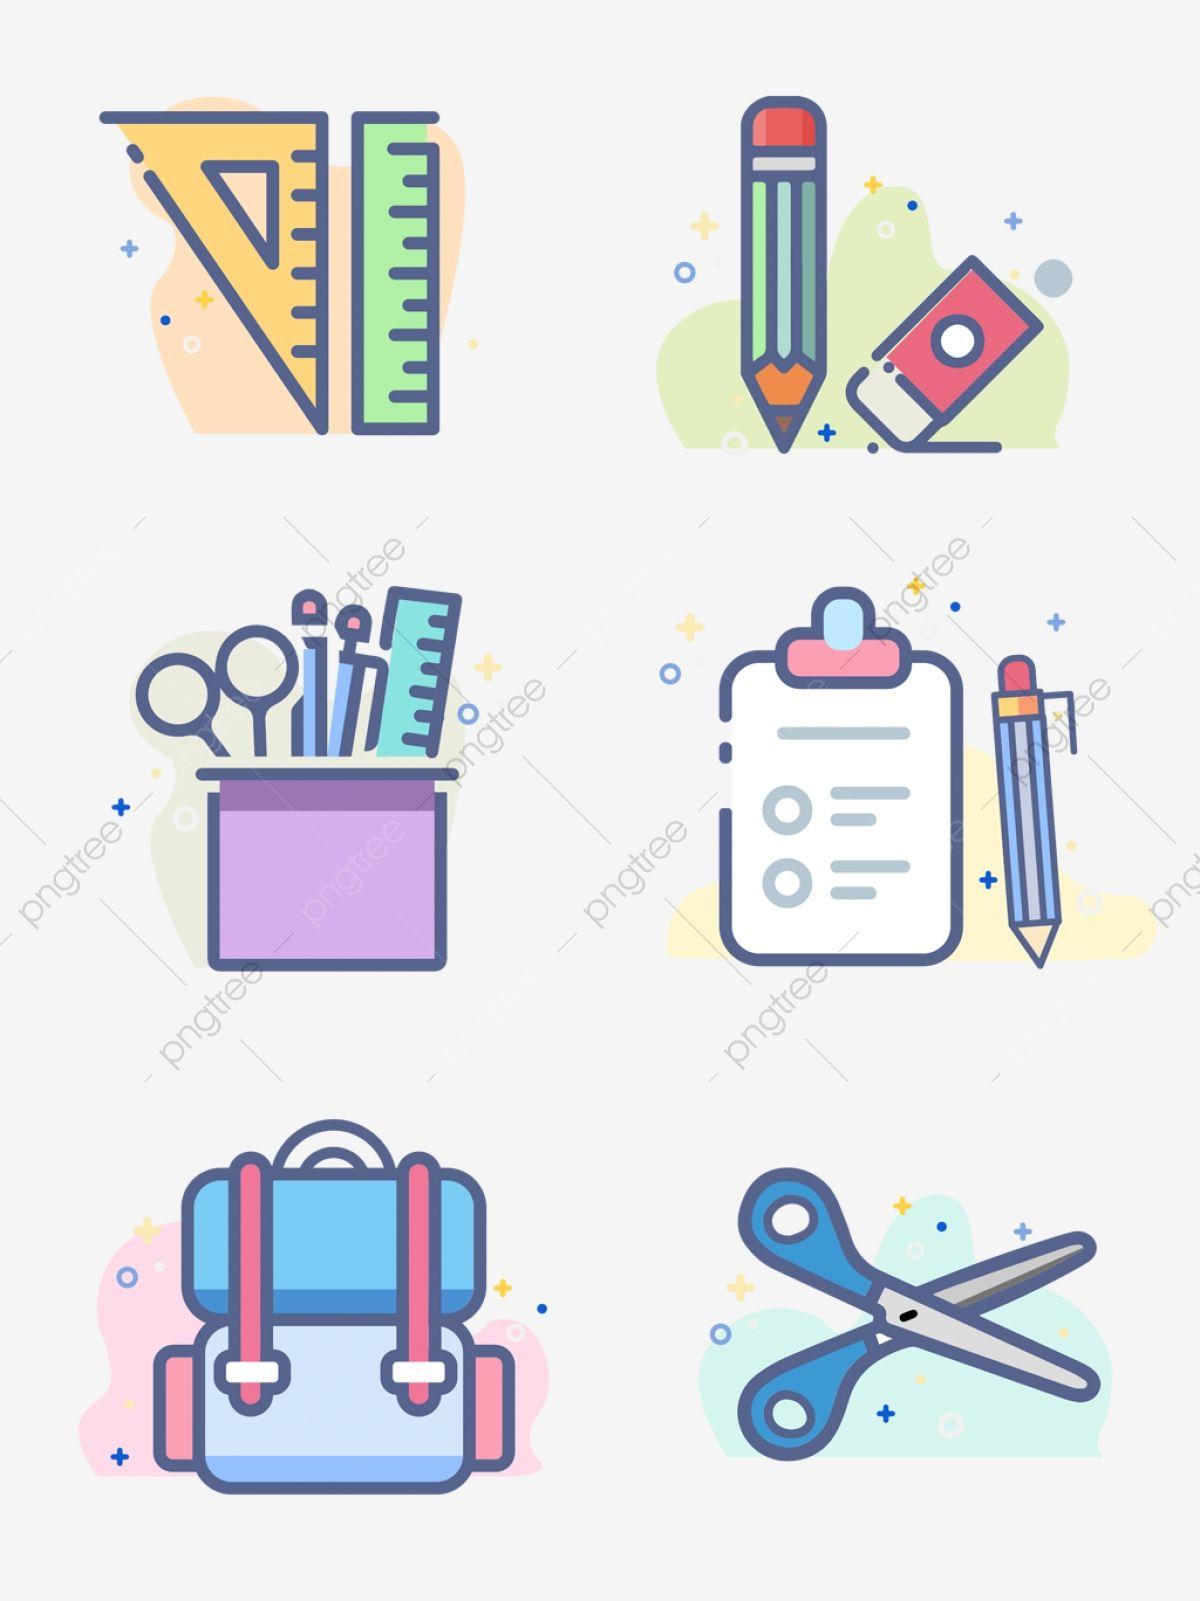 اللوازم المدرسية الكرتون Mbe على ظهره حاكم مقص قلم رصاص مبي أيقونة كارتون اللوازم المدرسية Png والمتجهات للتحميل مجانا Art School Supplies School Stickers School Supplies